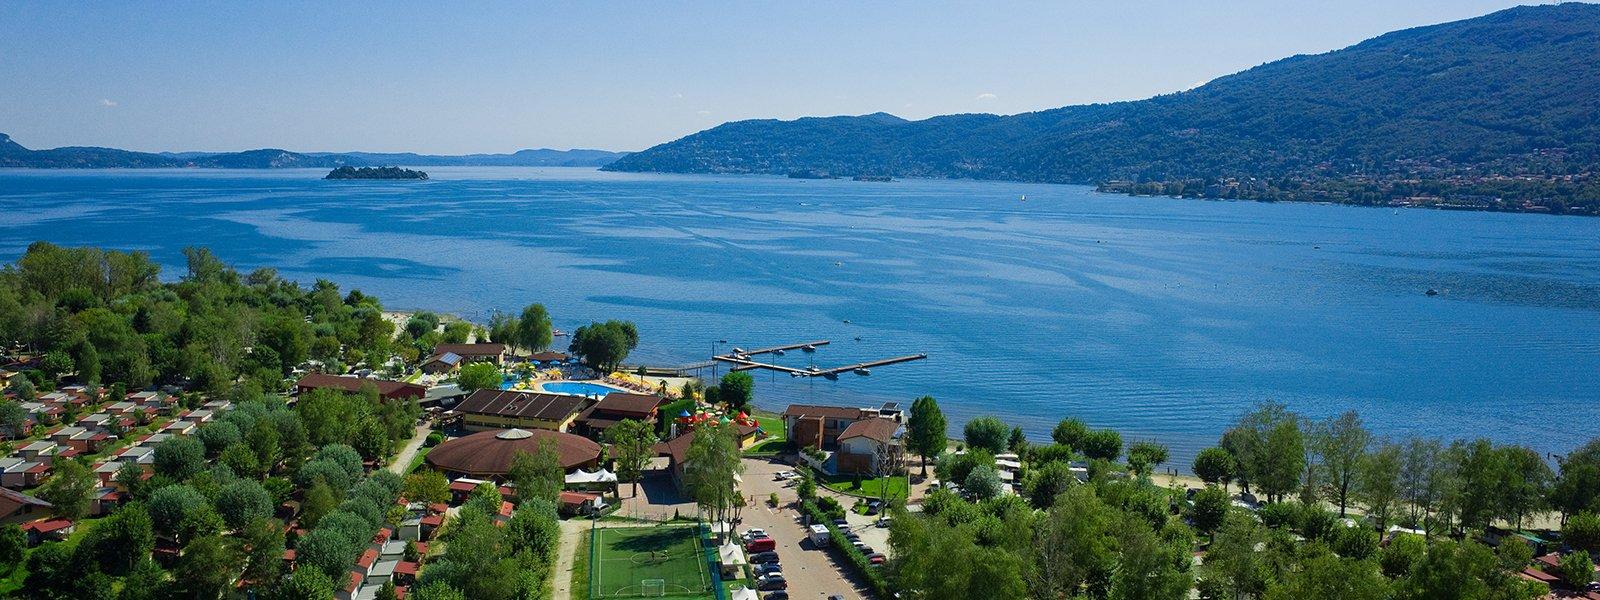 Verbania Lago Maggiore Karte.Il Tuo Camping Al Lago Maggiore Isolino